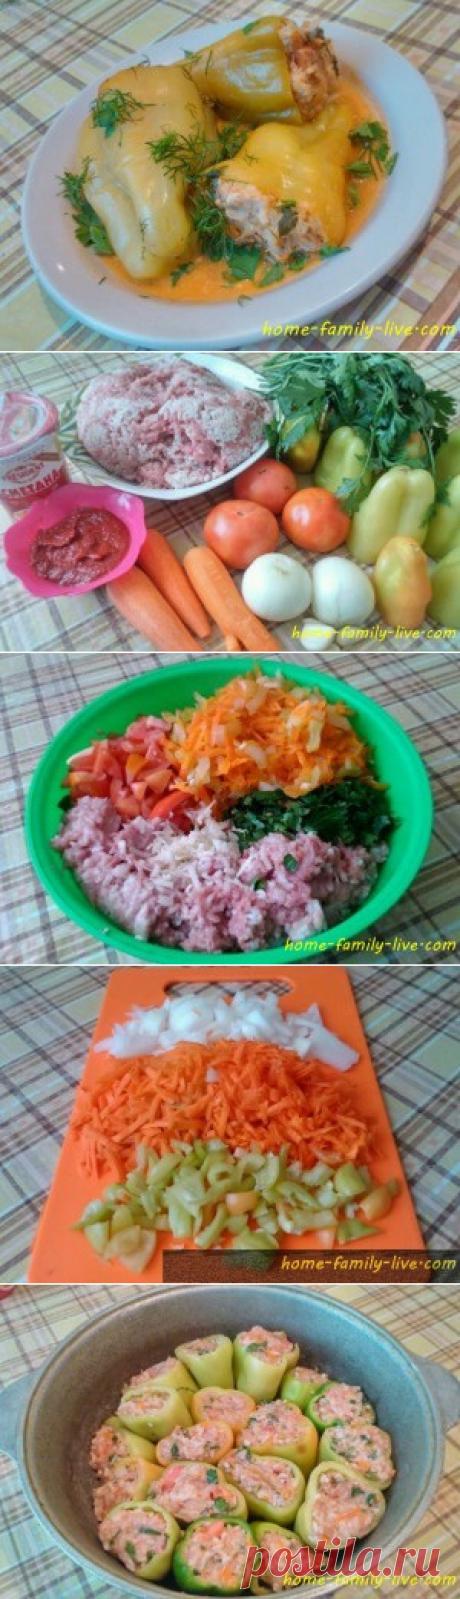 Фаршированный перец в томатно-сметанном соусе/Сайт с пошаговыми рецептами с фото для тех кто любит готовить